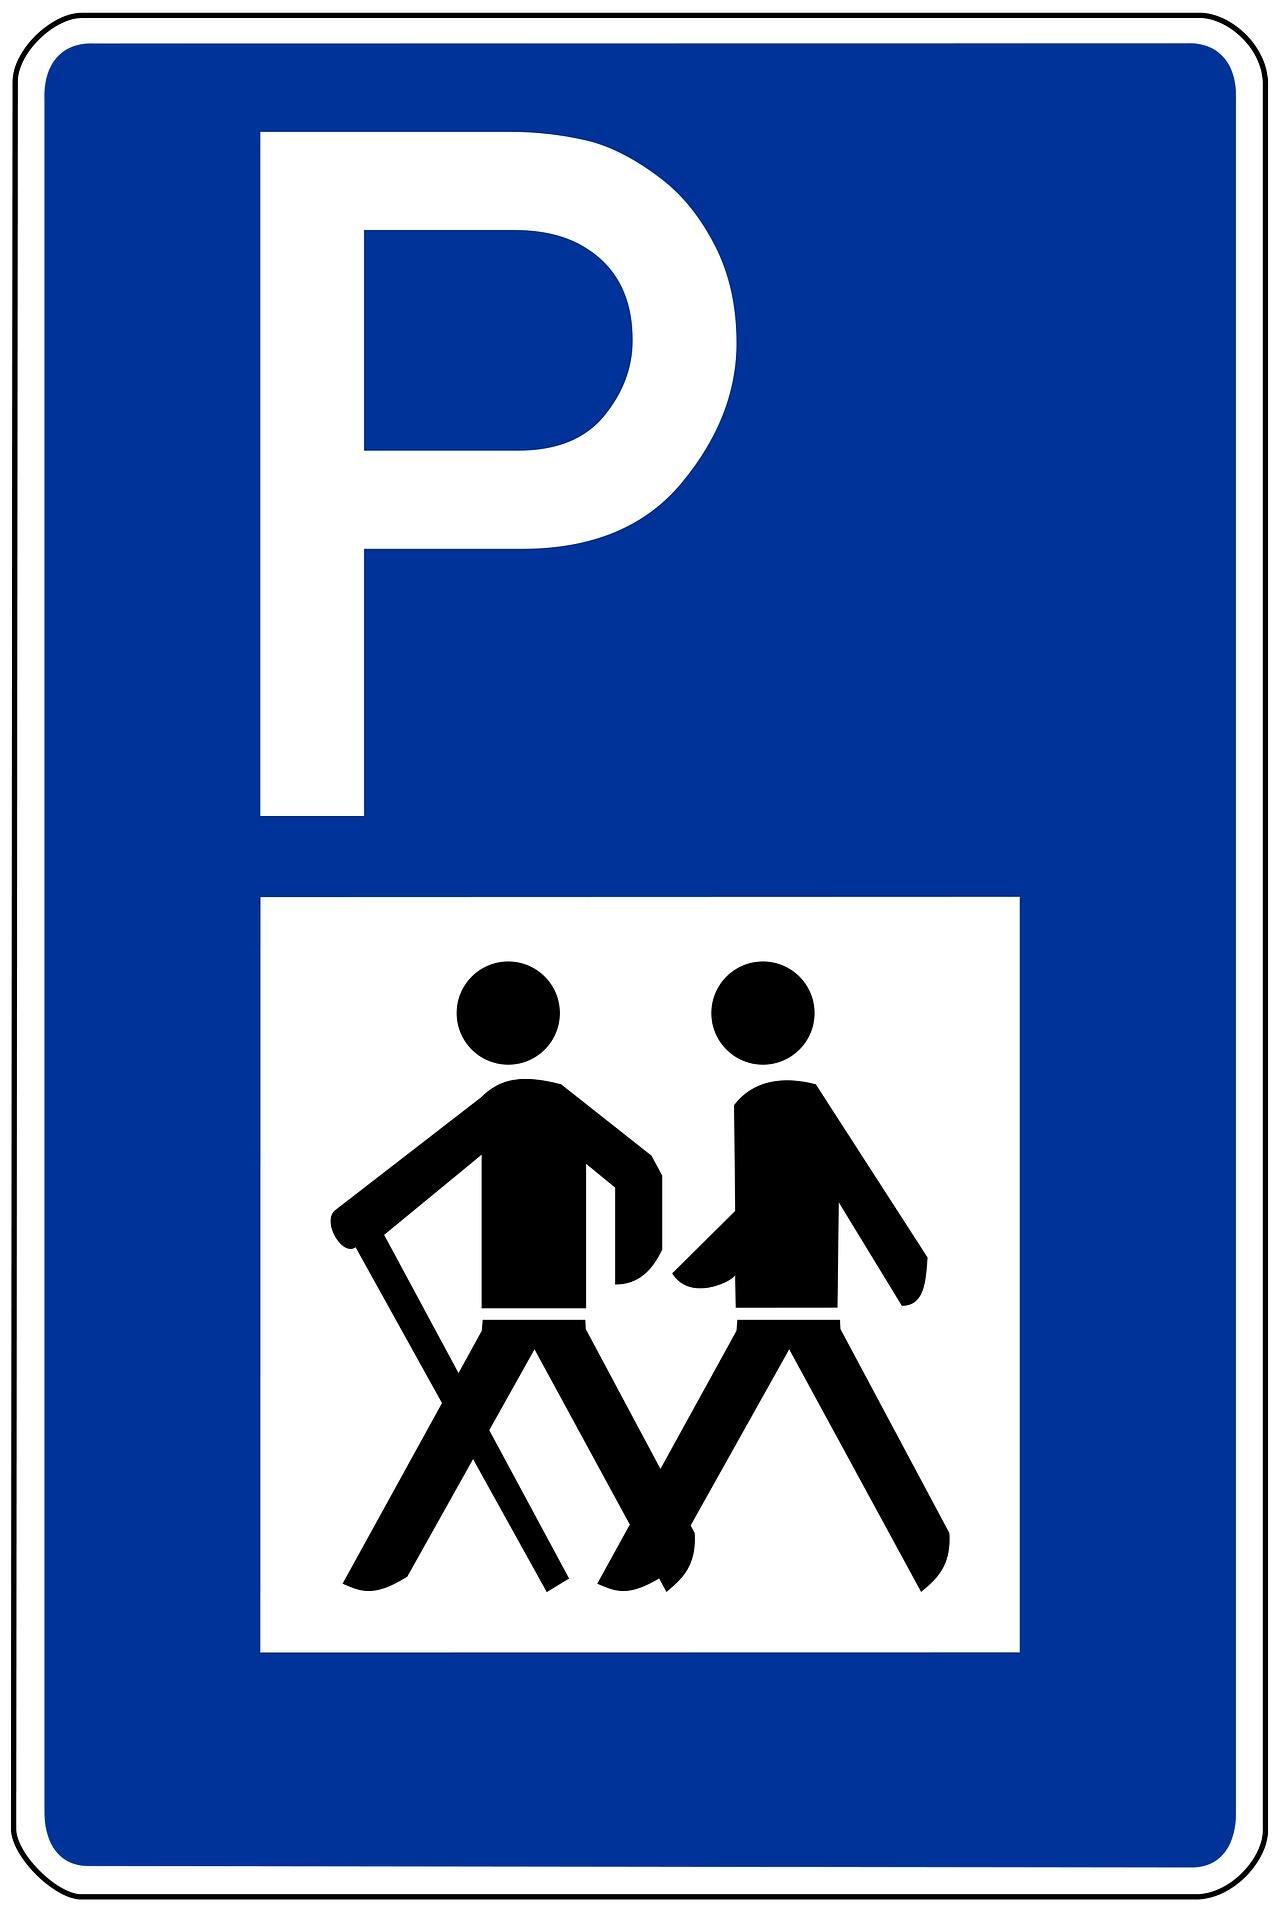 Blaues Schild mit einem weißen P und Wanderern